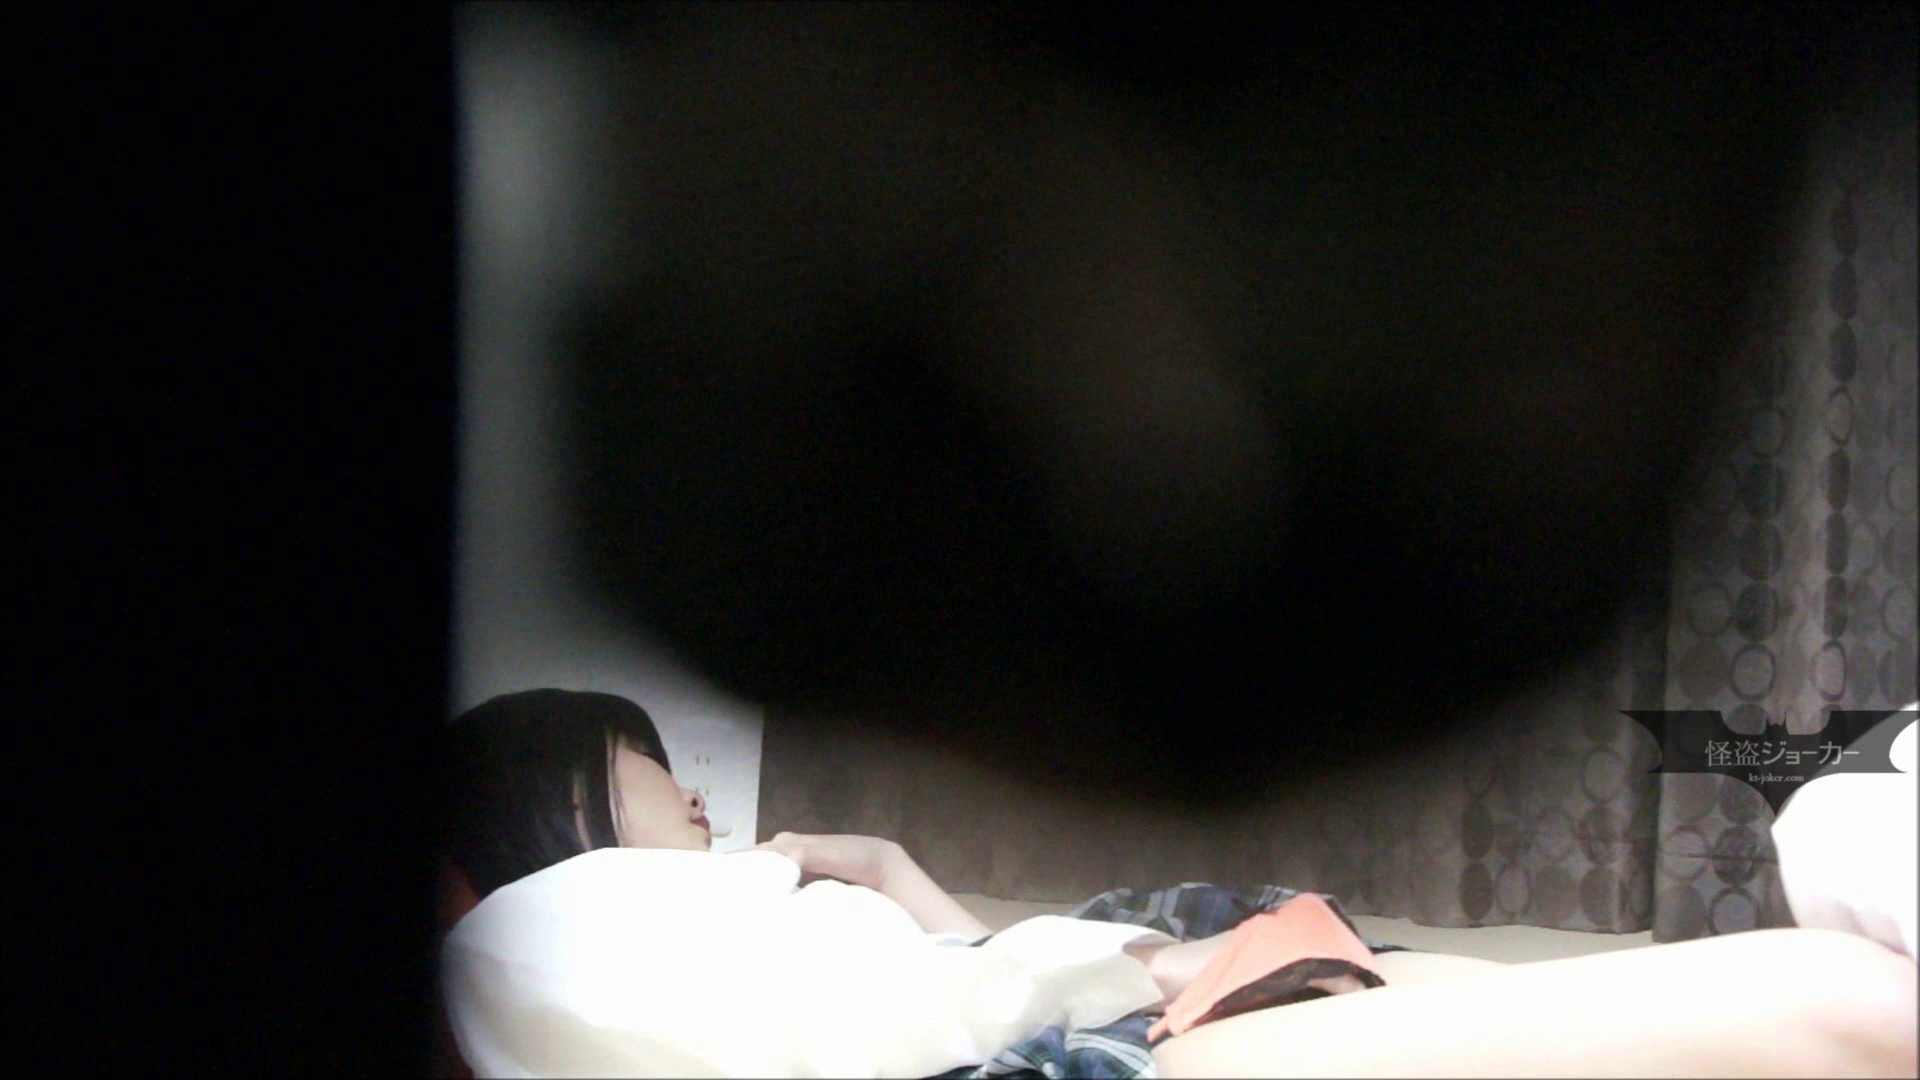 【未公開】vol.54【小春】脱衣所とオナニー隠し撮り オナニー  92pic 51